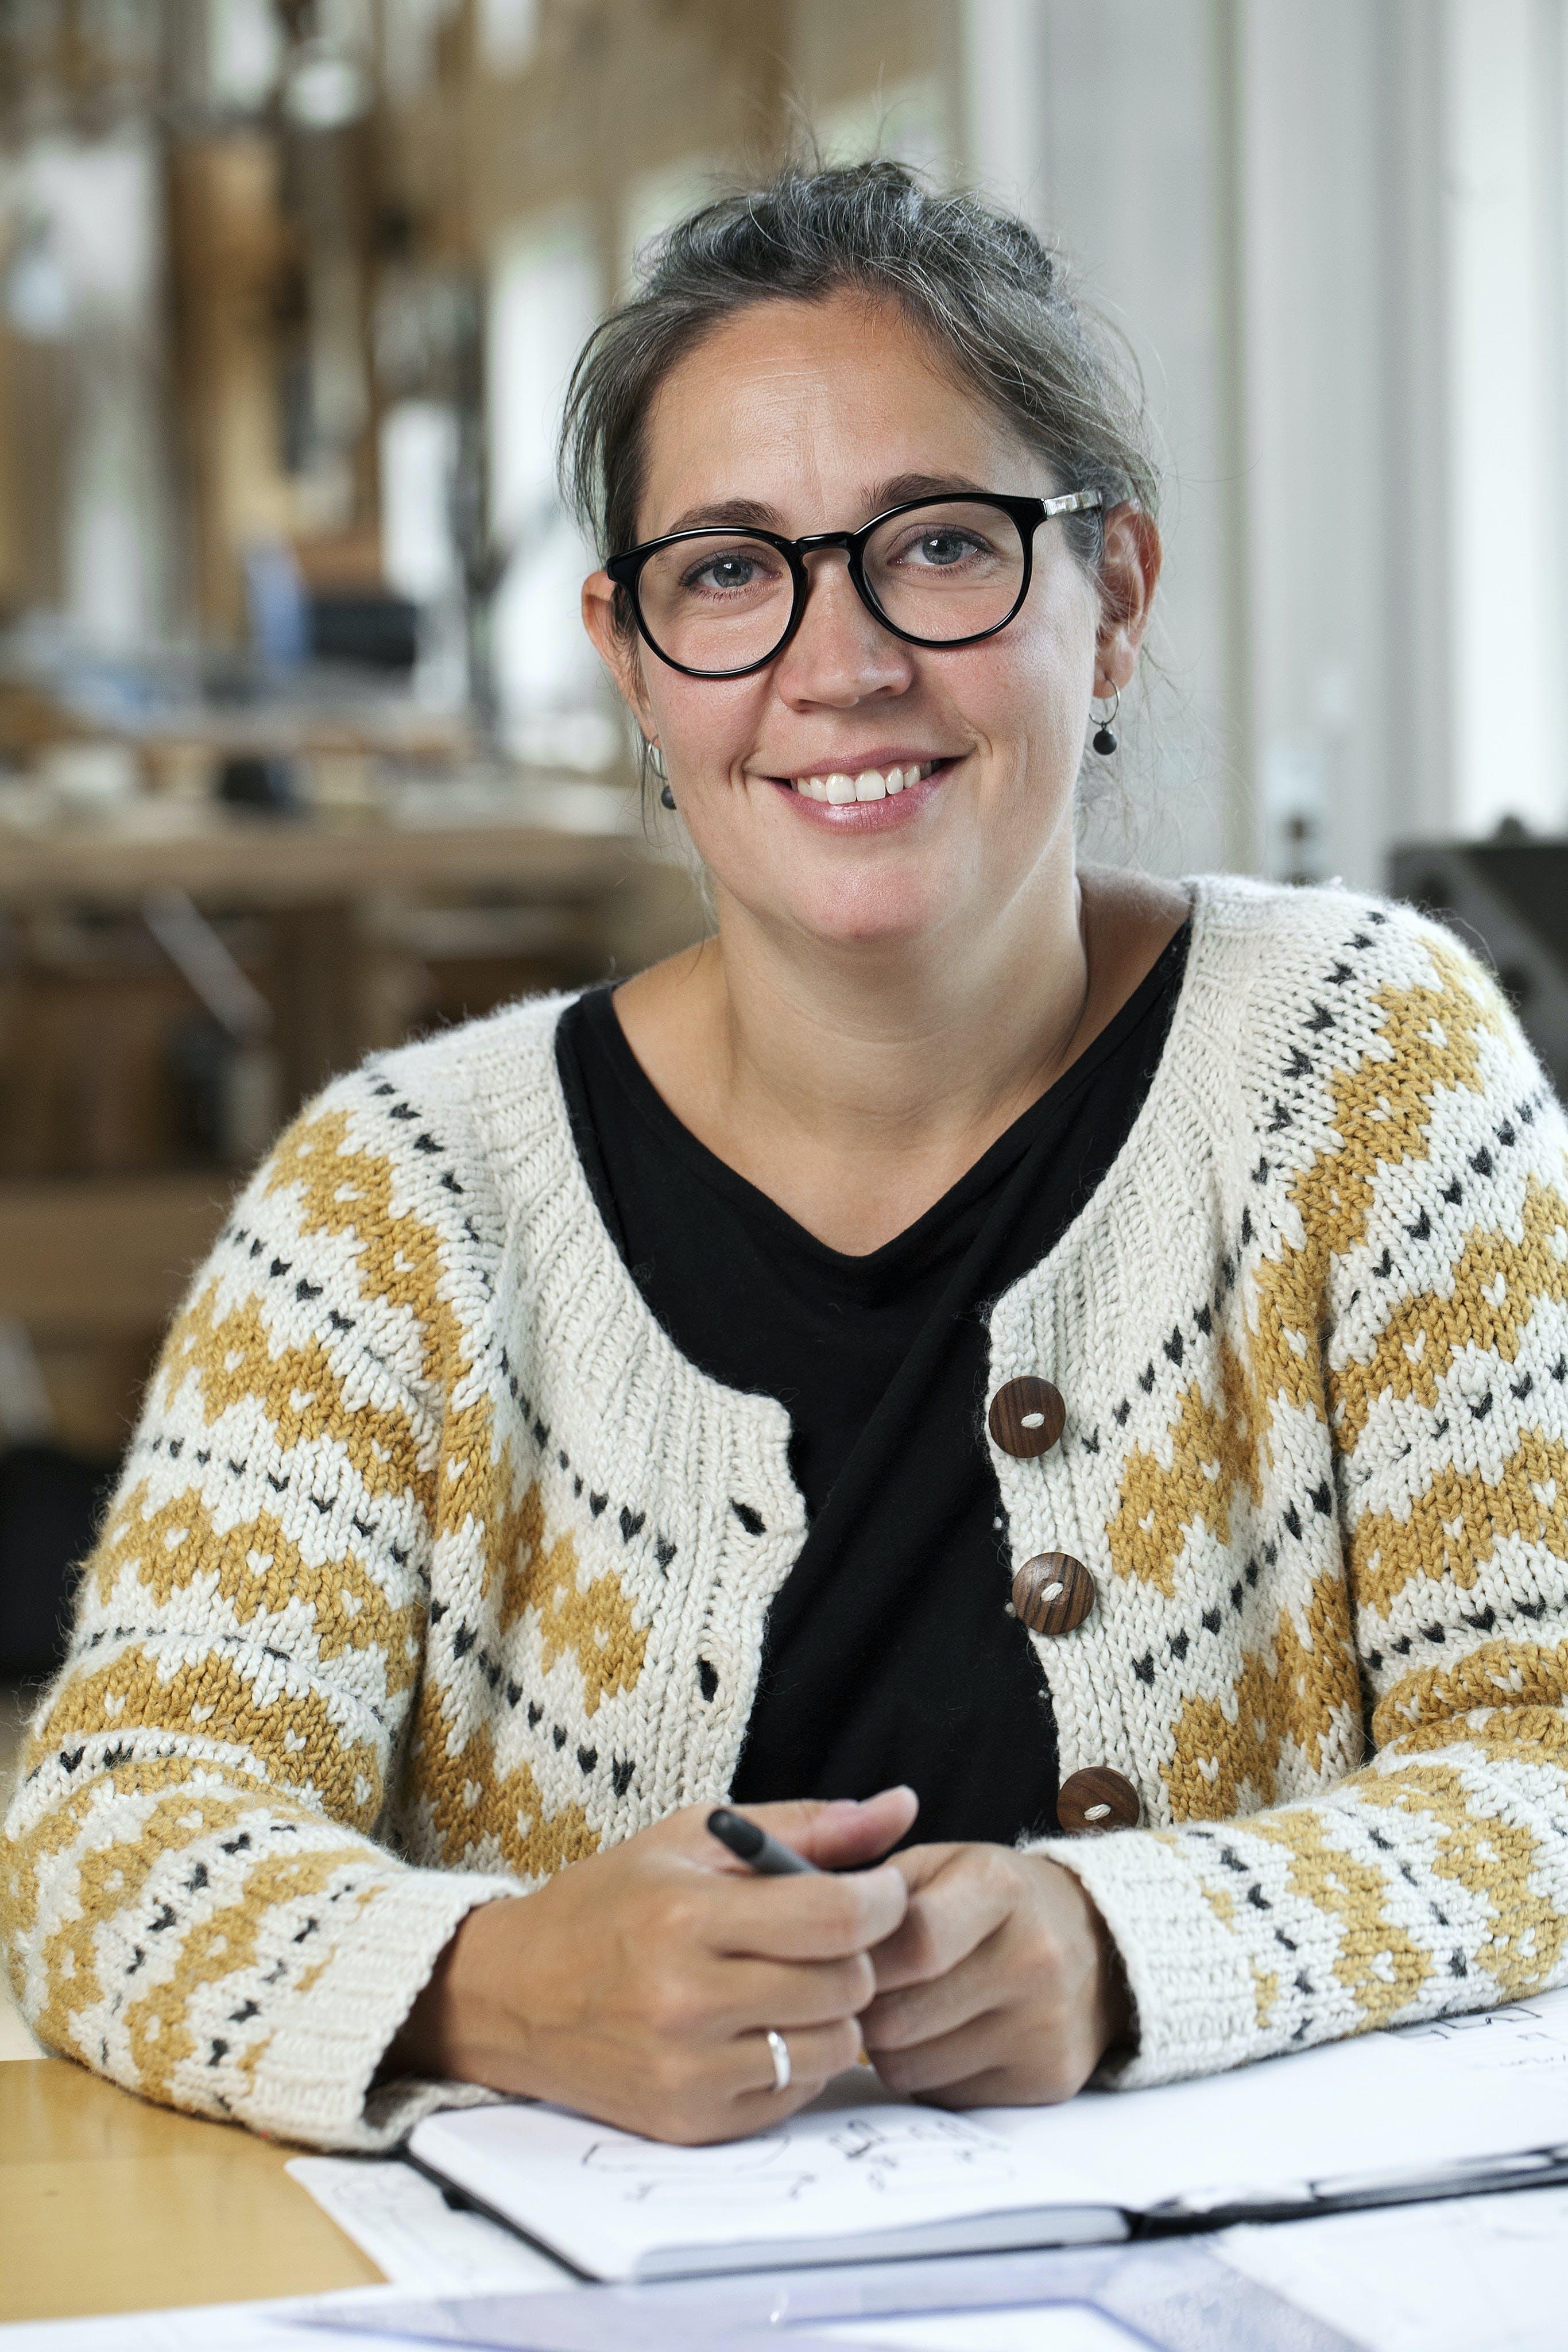 Carina Maria Mølgaard Nielsen